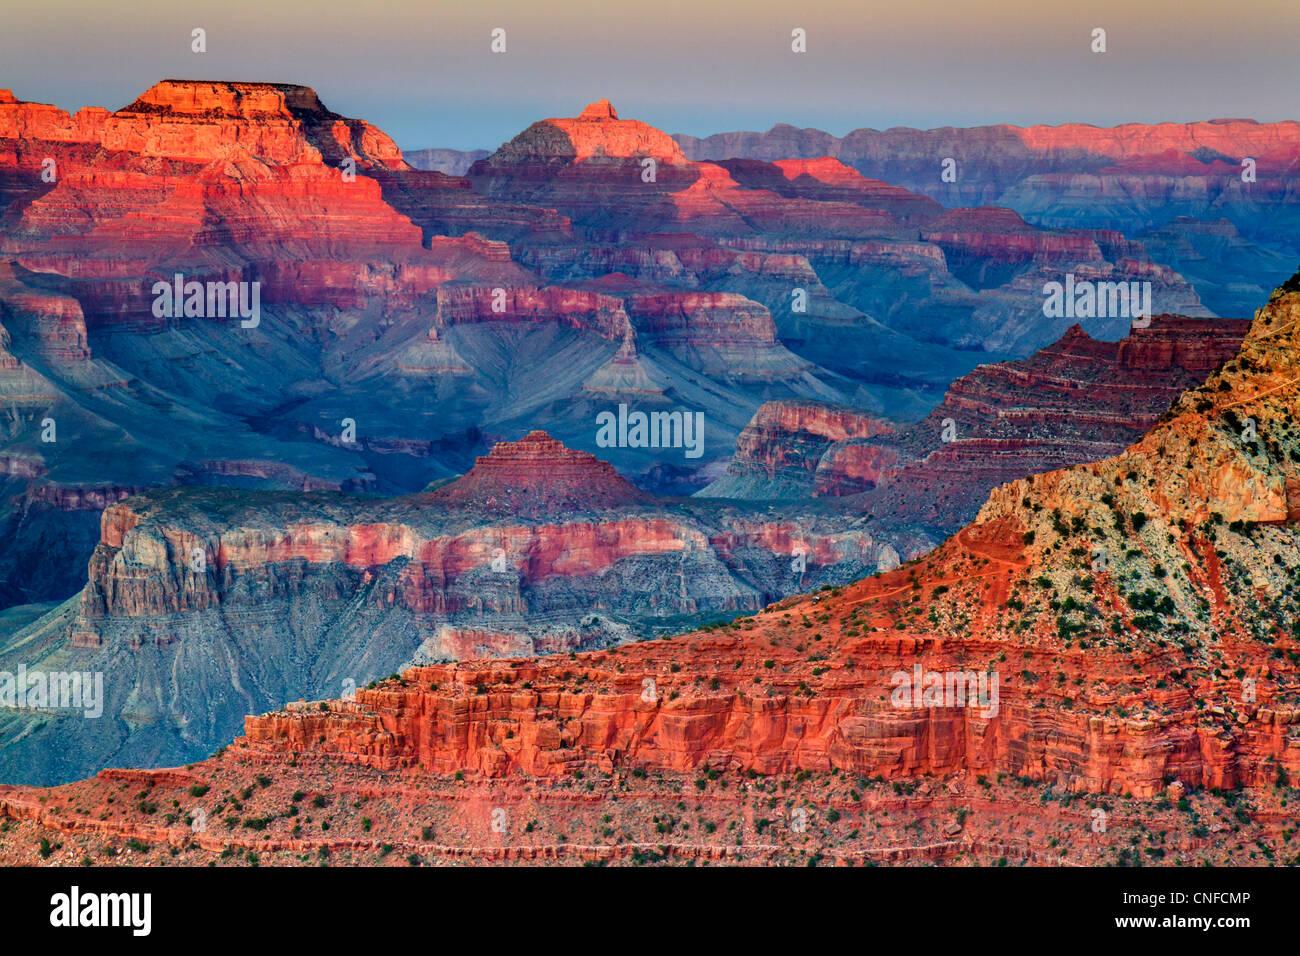 O pôr do sol no ponto de mãe, South Rim, Grand Canyon National Park (Arizona, EUA). Técnica de HDR. Imagens de Stock